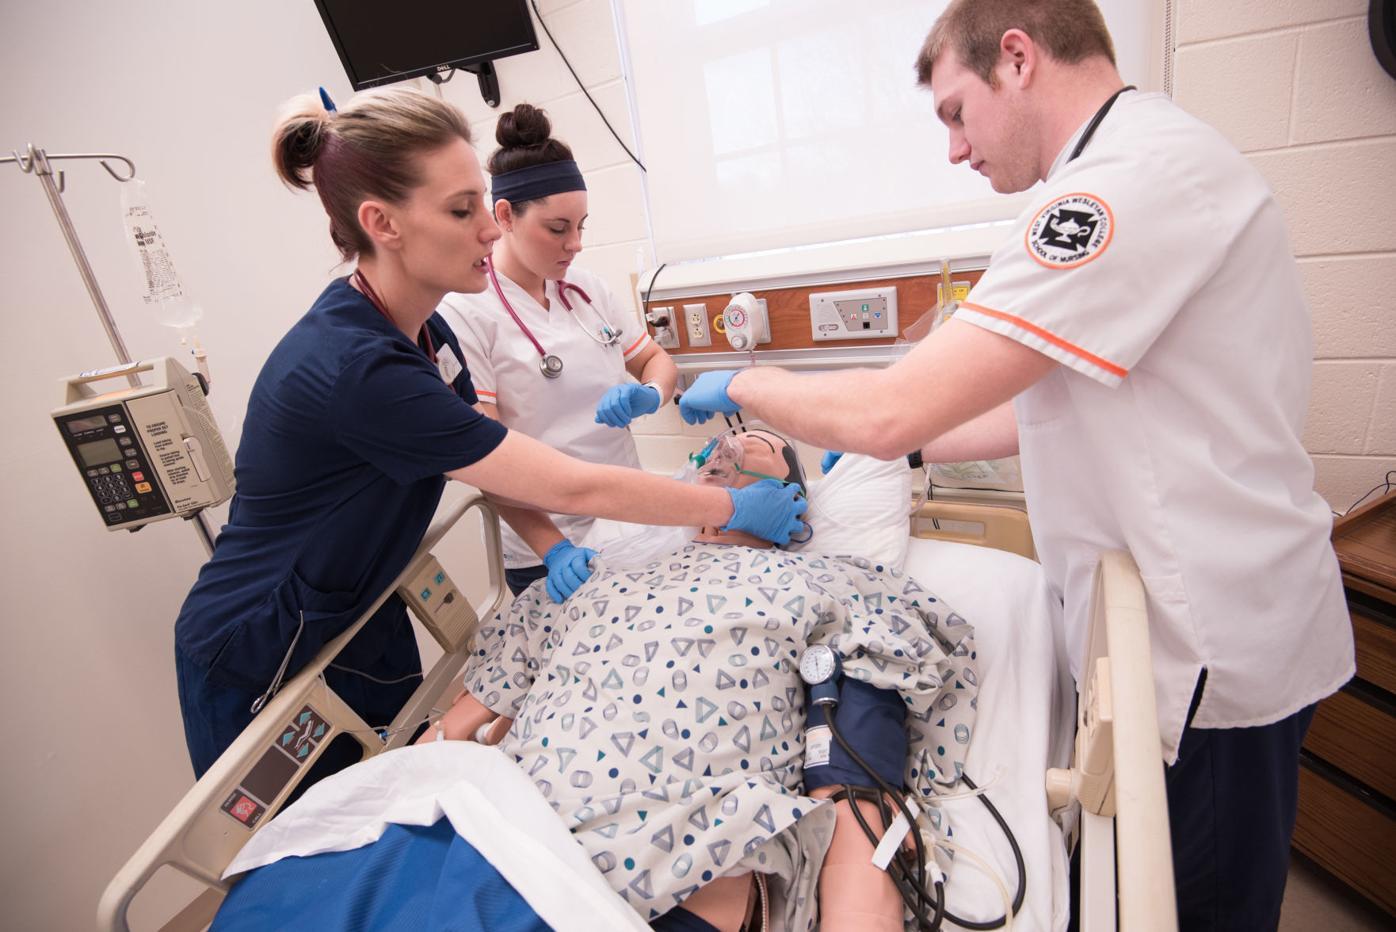 West Virginia Wesleyan College nursing